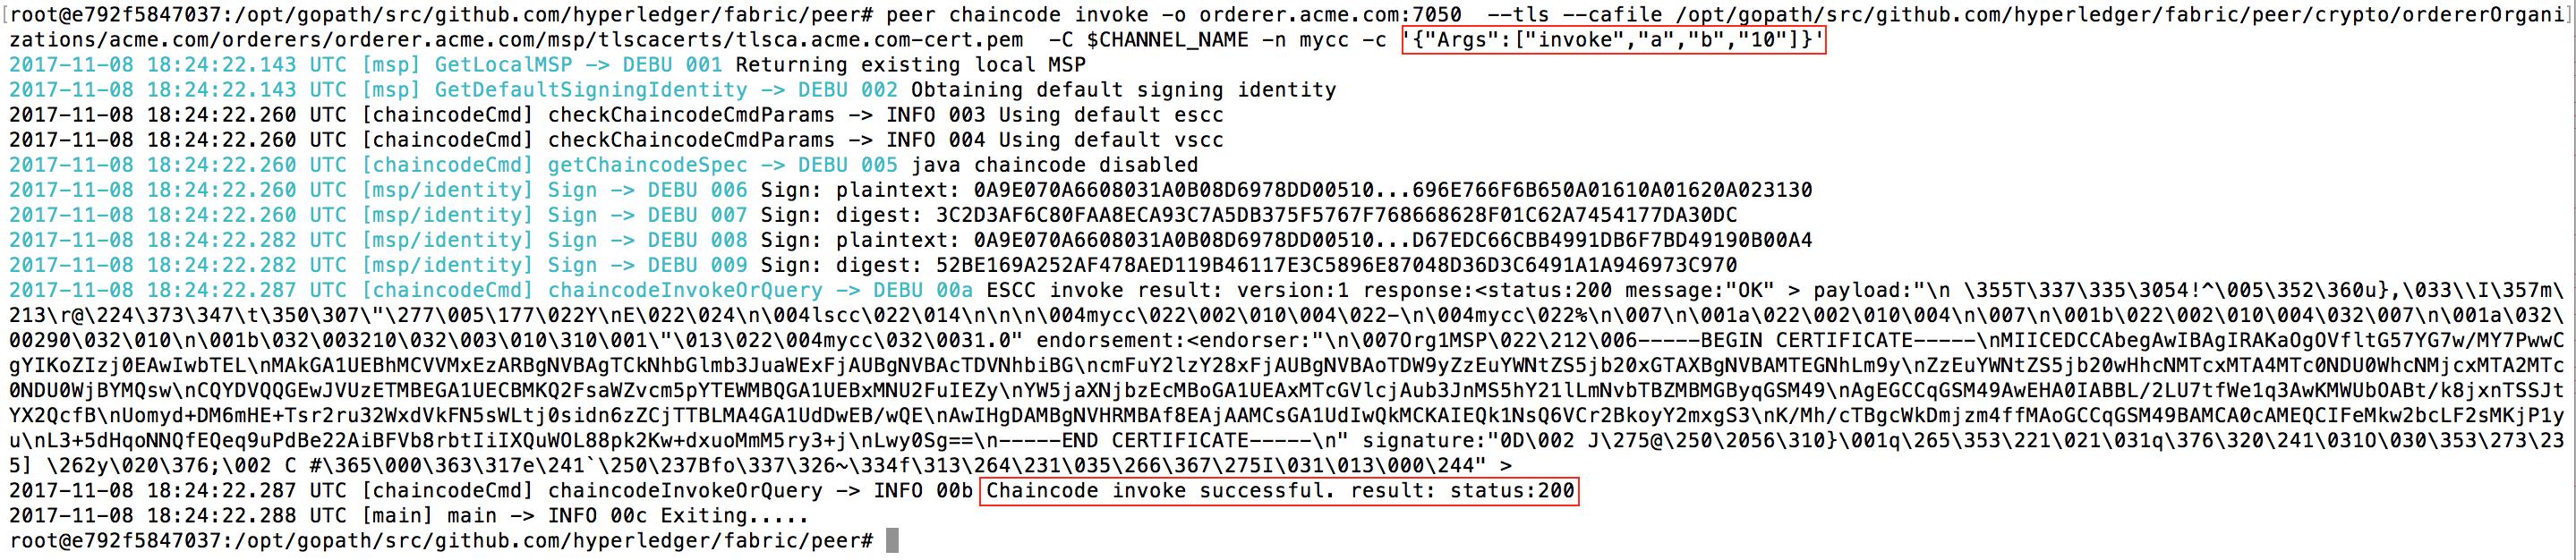 Invoke chaincode